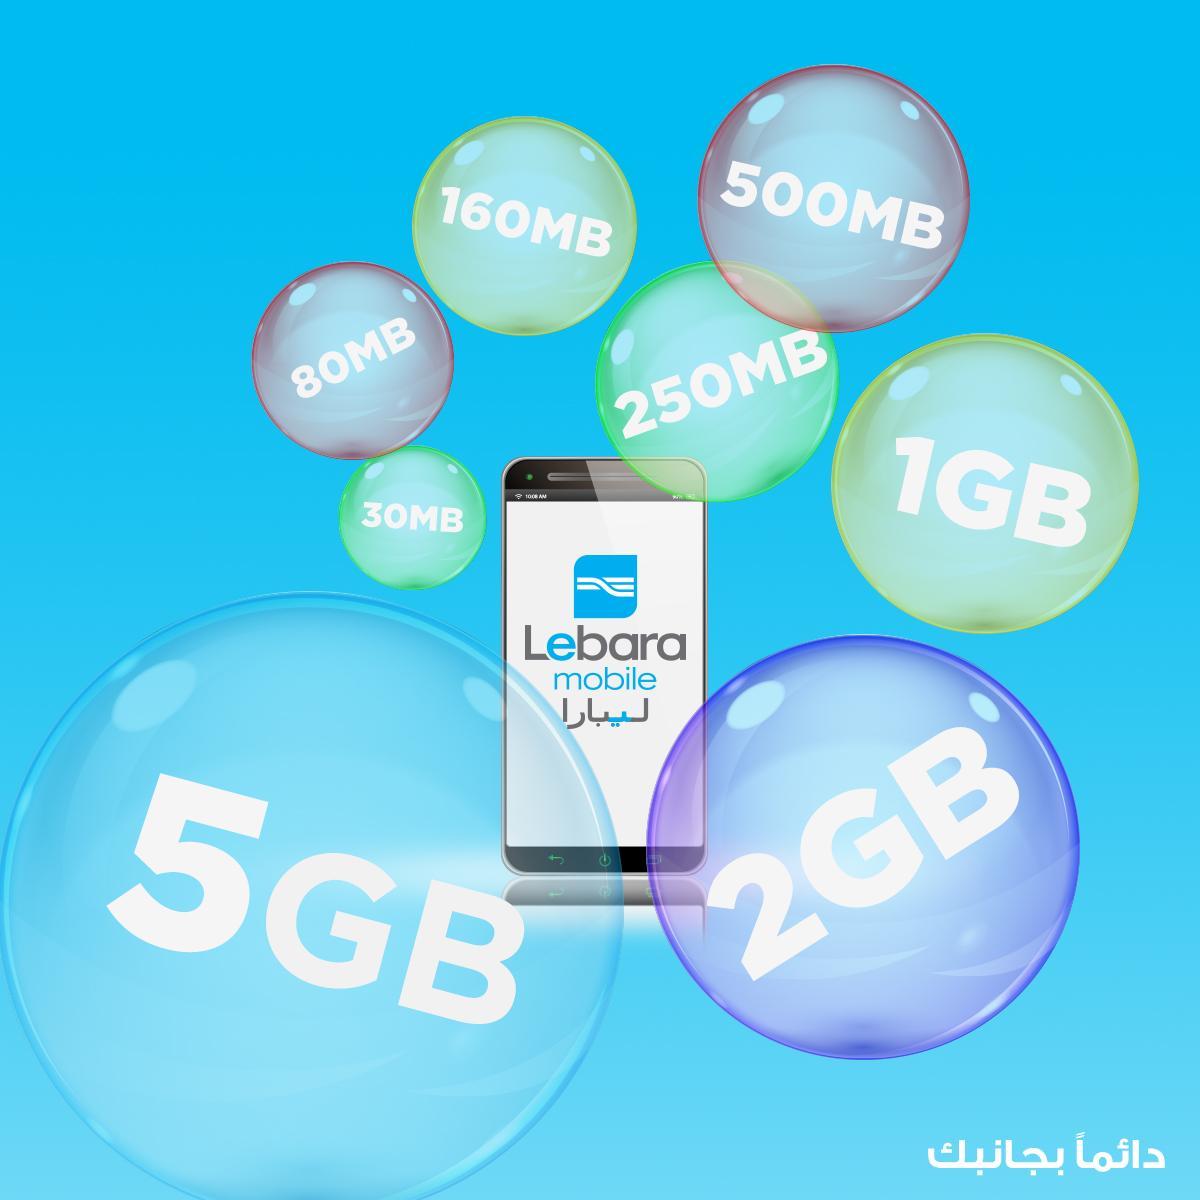 Lebara Mobile Ksa A Twitter باقات الانترنت من ليبارا مصممة لتناسب جميع احتياجاتك لمزيد من المعلومات تفضل بزيارة Http T Co 3h10yitqnk Http T Co Vm4zahvqdj